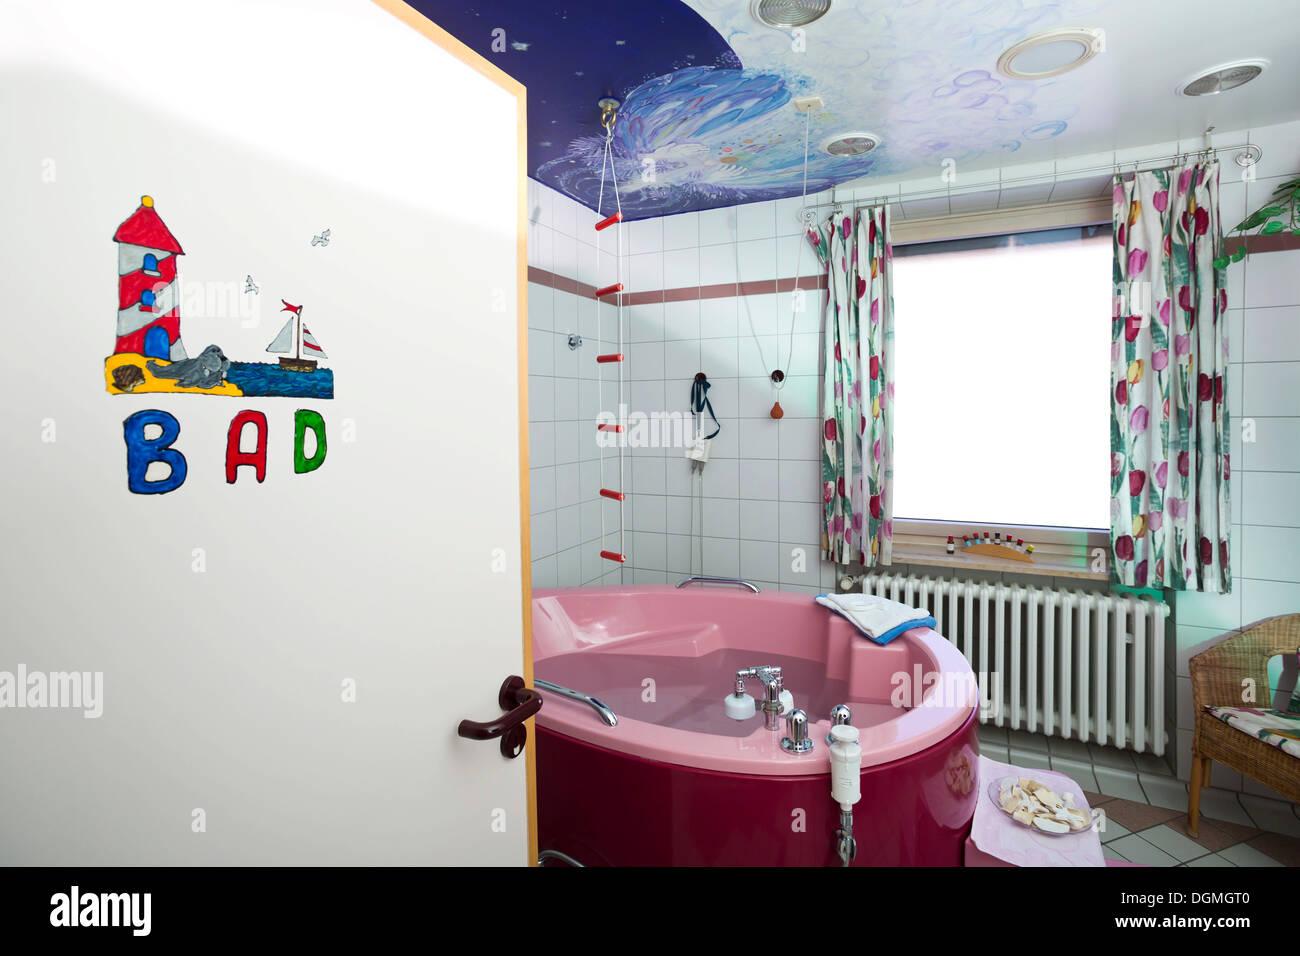 Salle De Bain Allemagne salle de bains avec une baignoire d'accouchement dans une